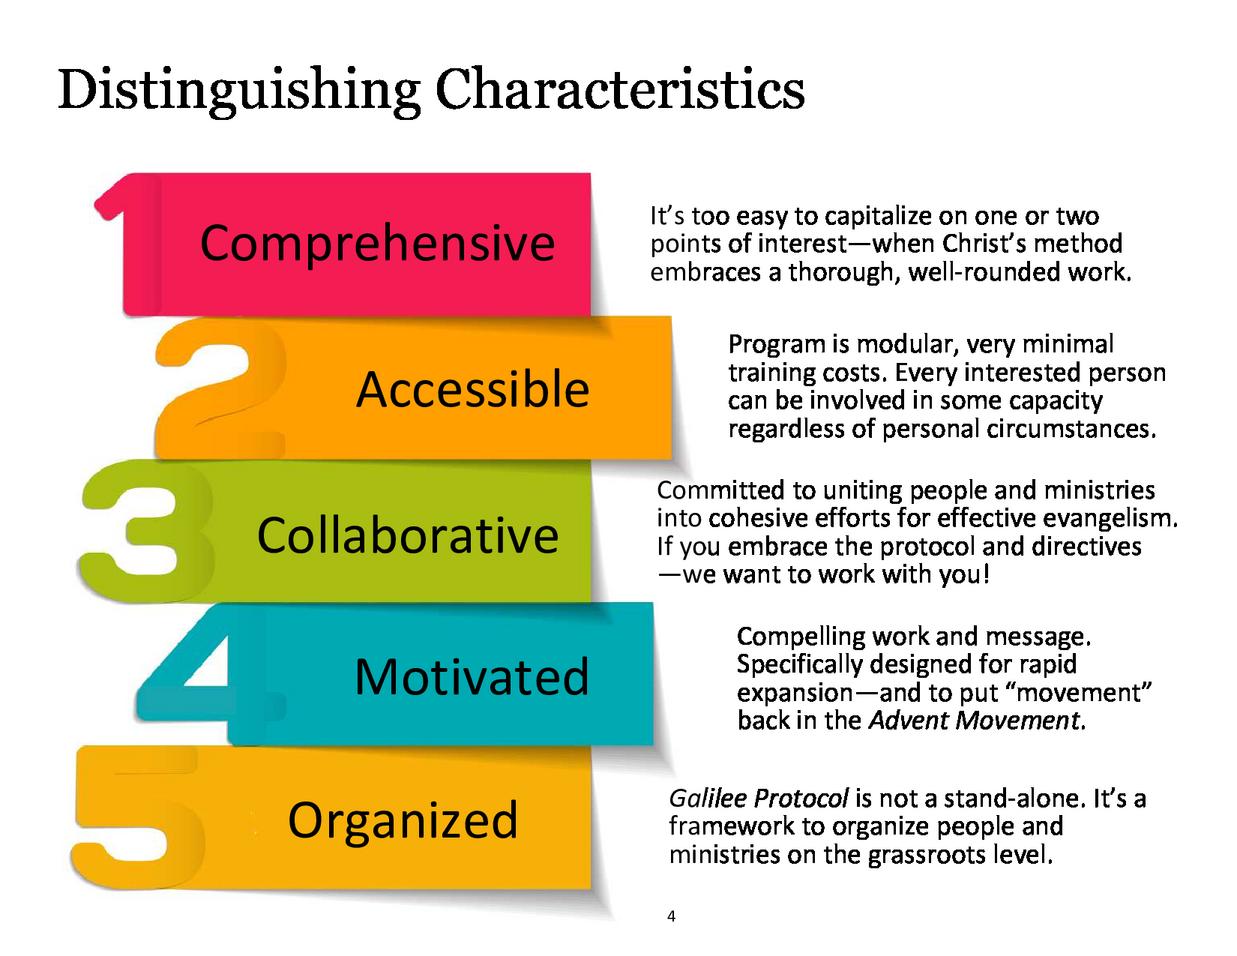 4_distinguishing_characteristics